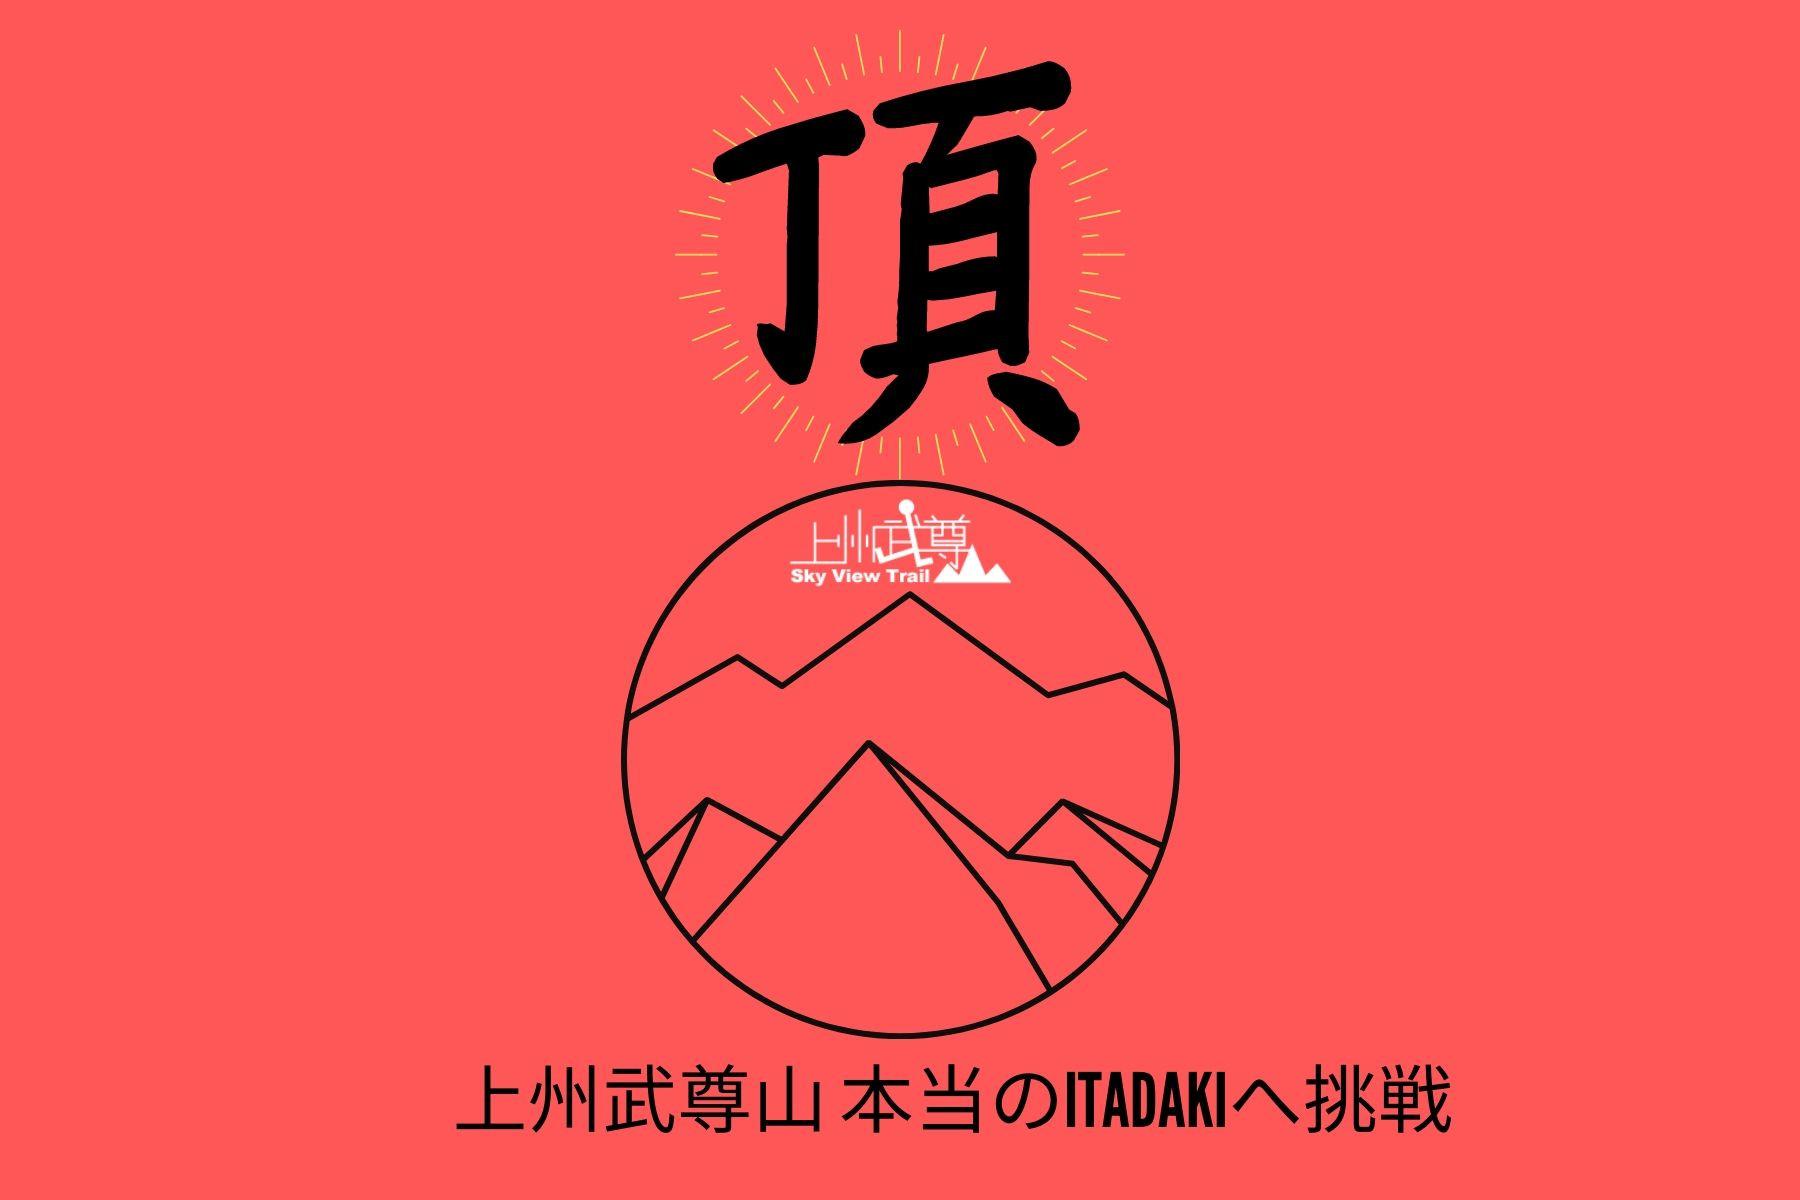 ナンバーカード見本 (1).jpg